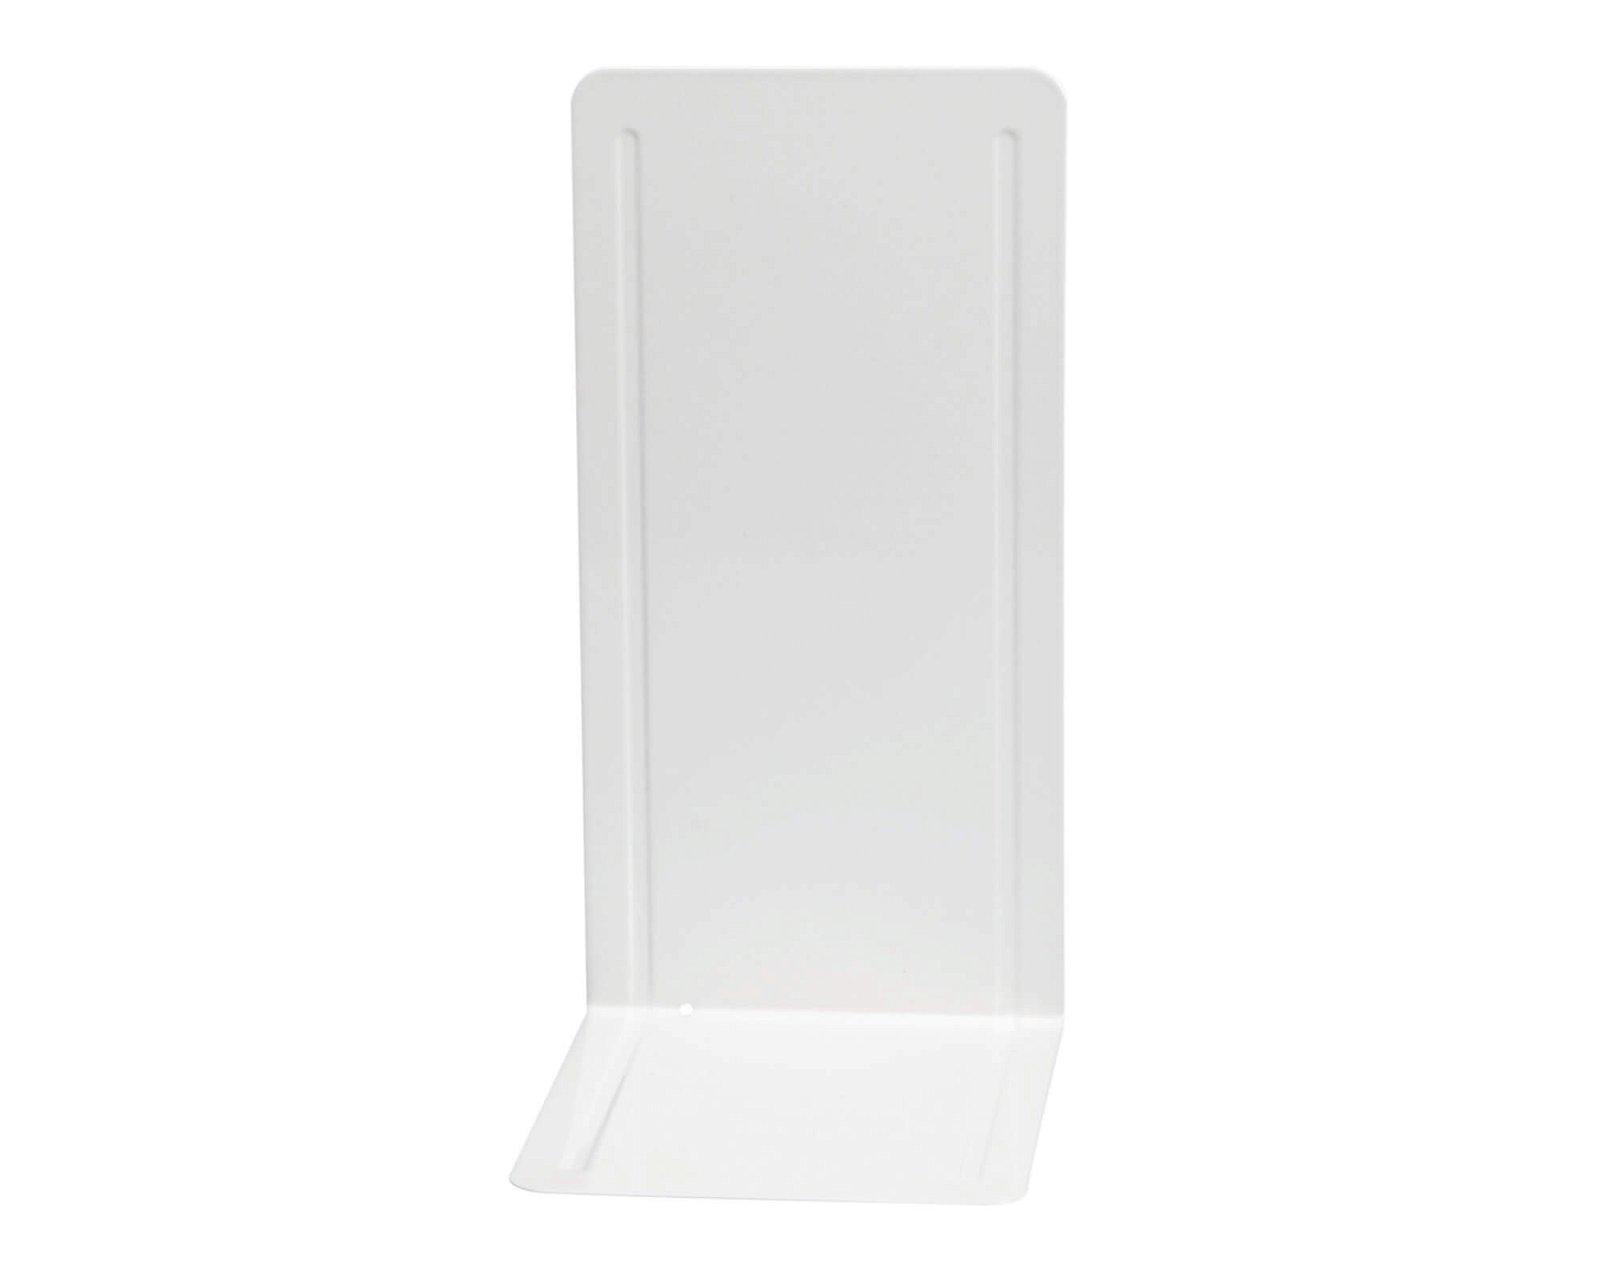 Registraturstützen schmal, 14 x 12 x 24 cm, weiß